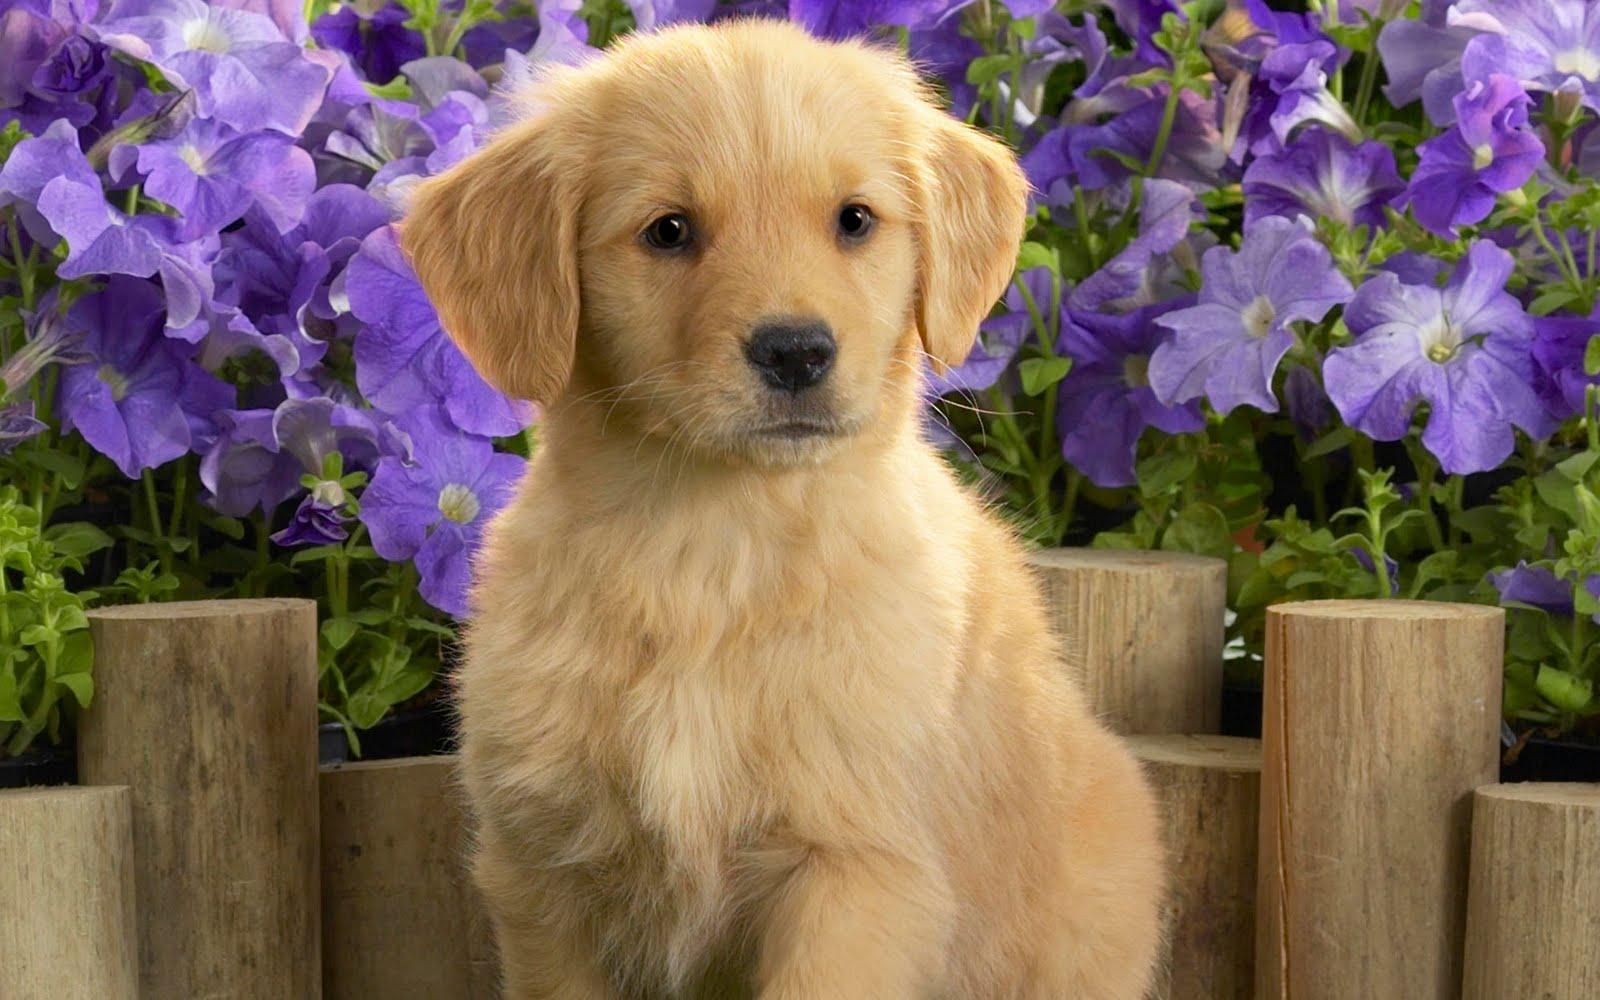 Cute Golden Retriever Puppies Wallpapercercueilscarton 1600x1000